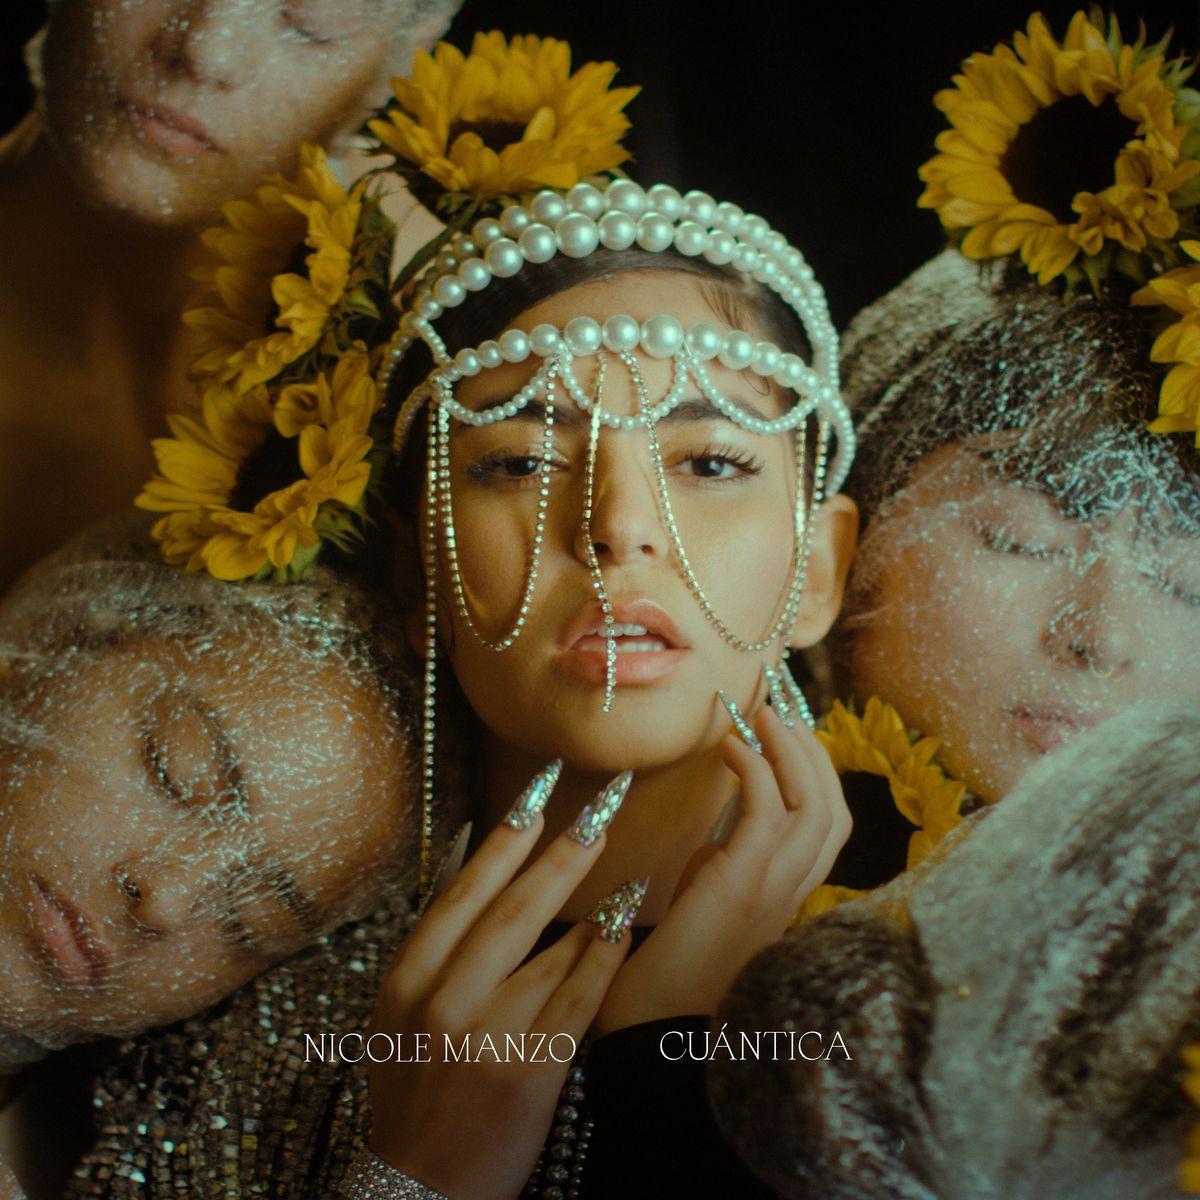 Nicole Manzo - Cuántica